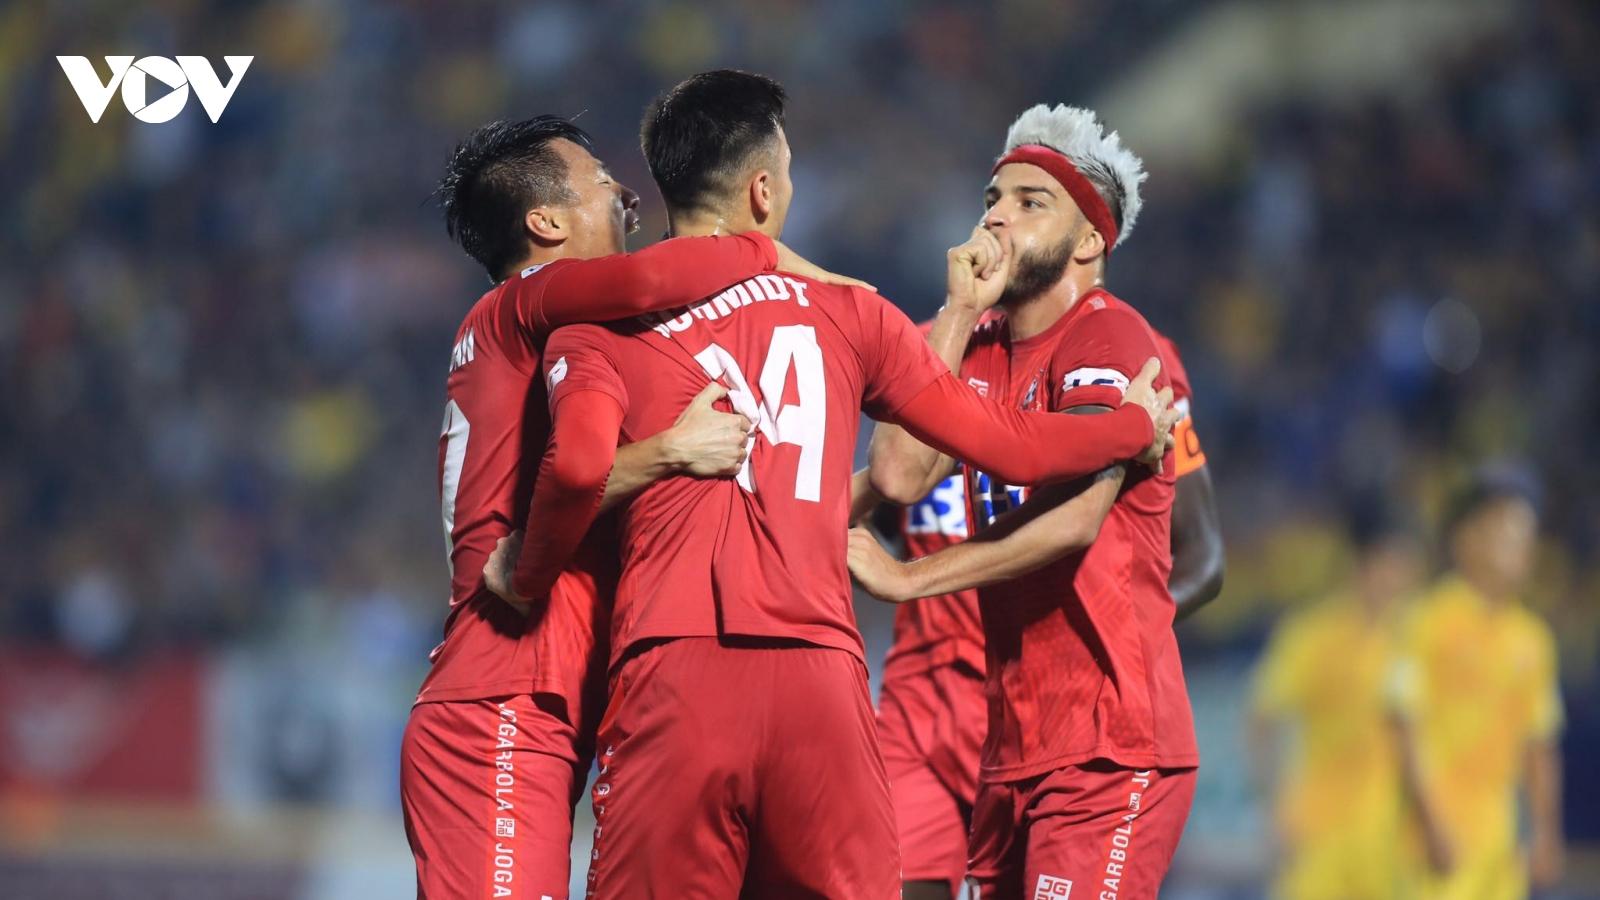 Thắng Nam Định ngay tại Thiên Trường, Hải Phòng chính thức trụ hạng ở V-League 2020